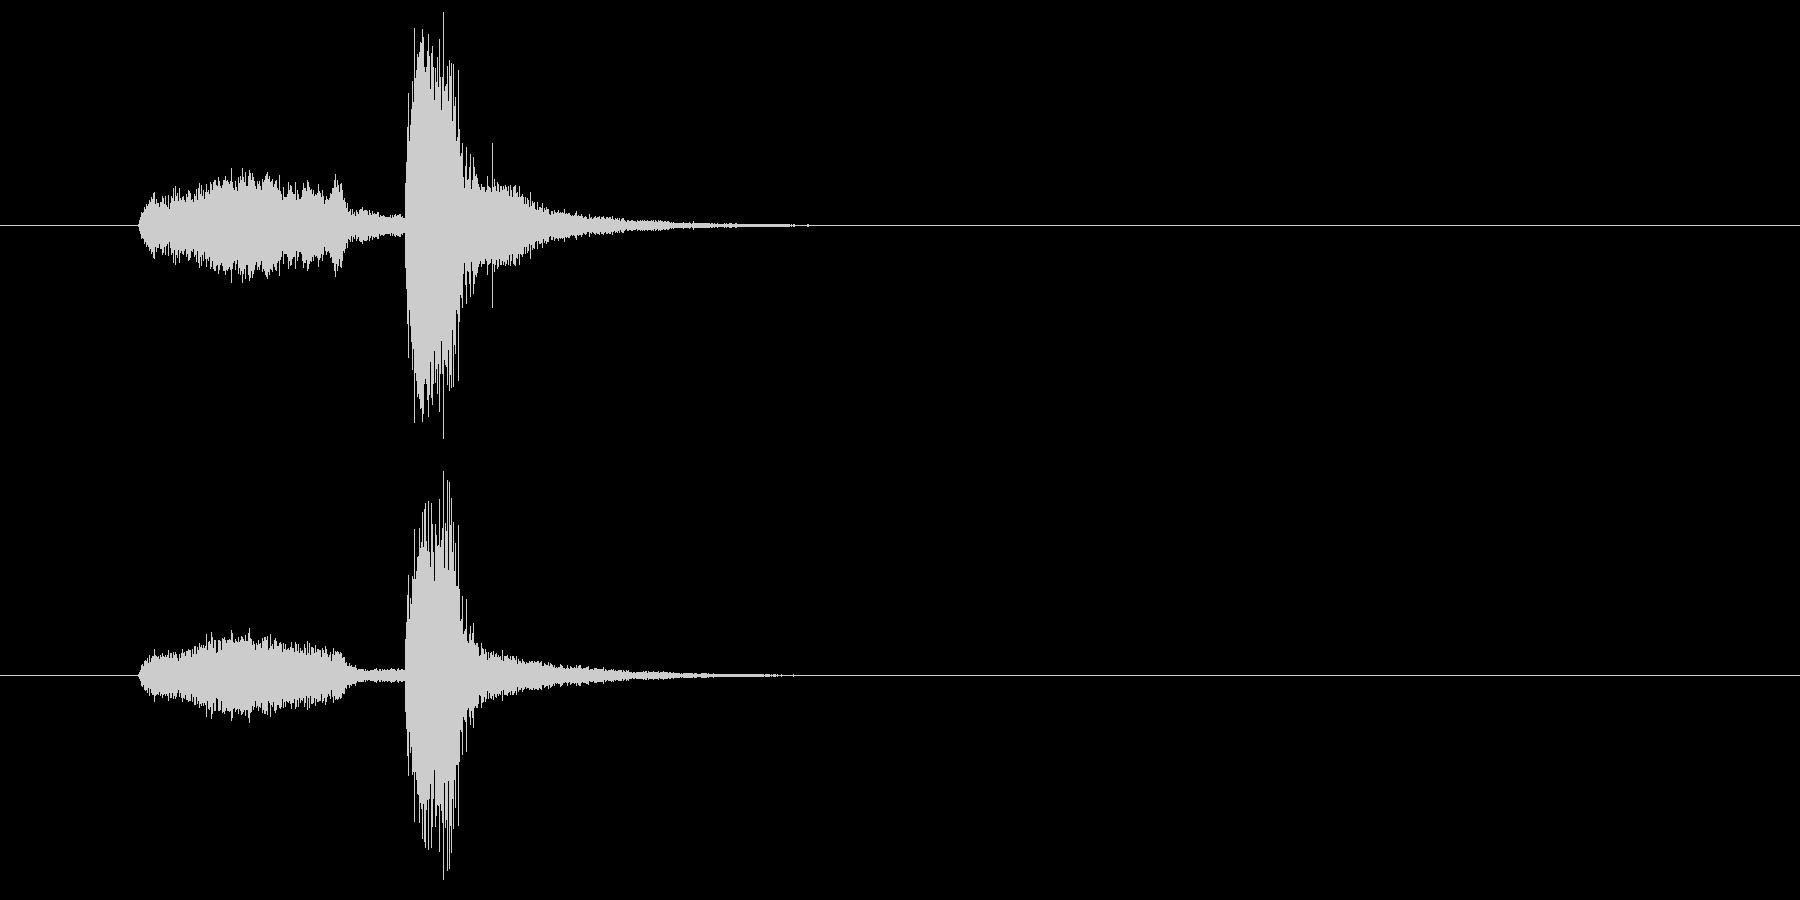 ジングル(ギャグ系)の未再生の波形